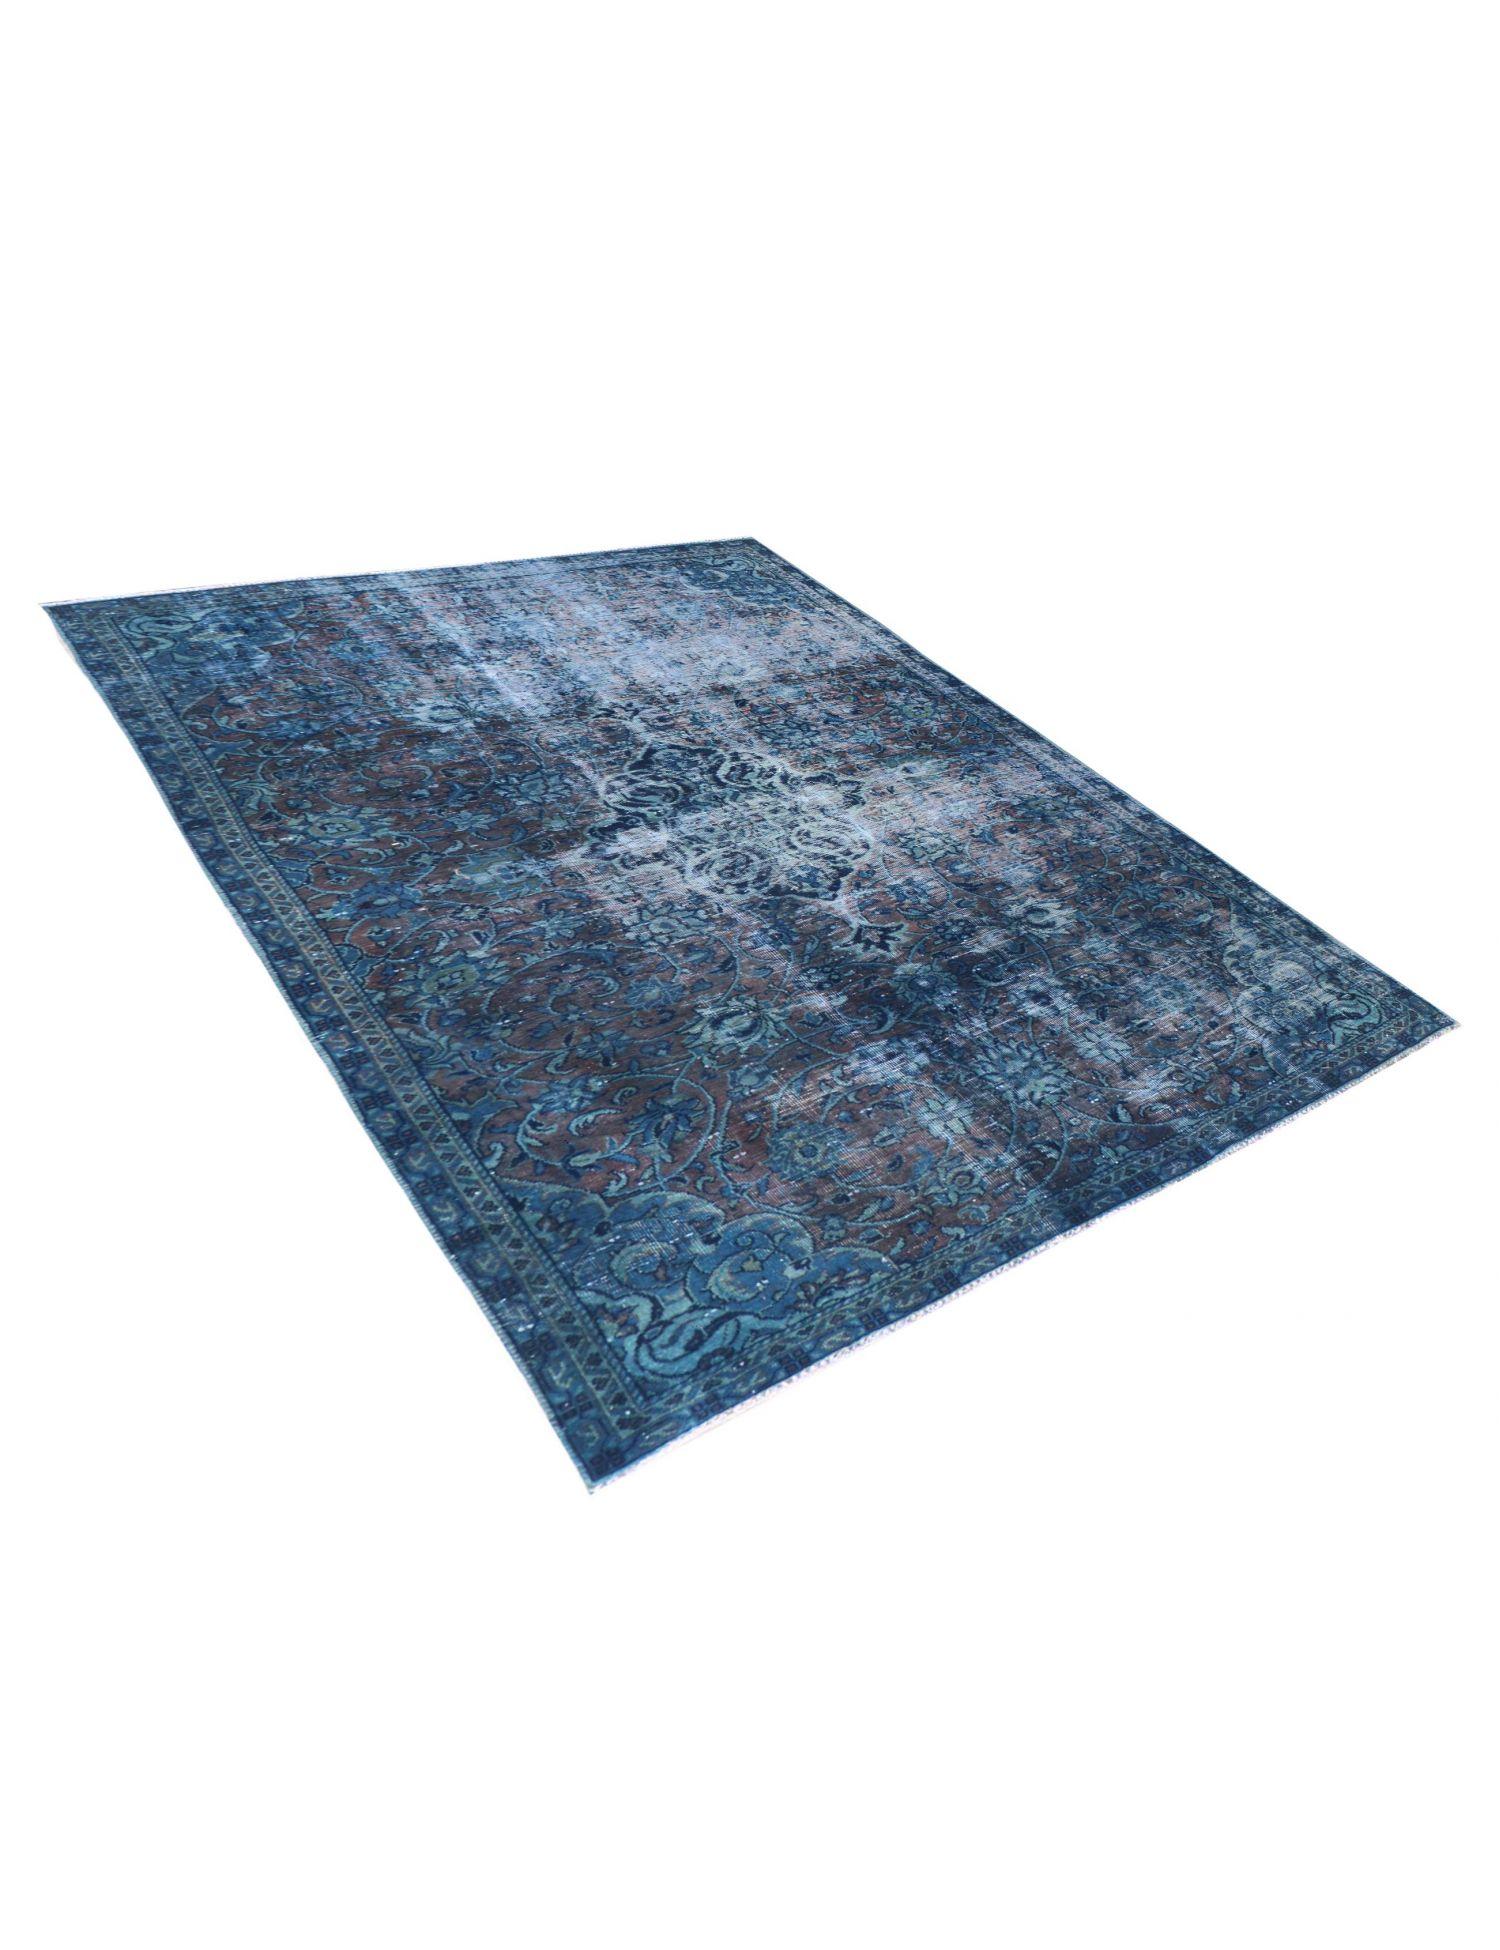 Persisk Vintagetæppe  blå <br/>253 x 150 cm